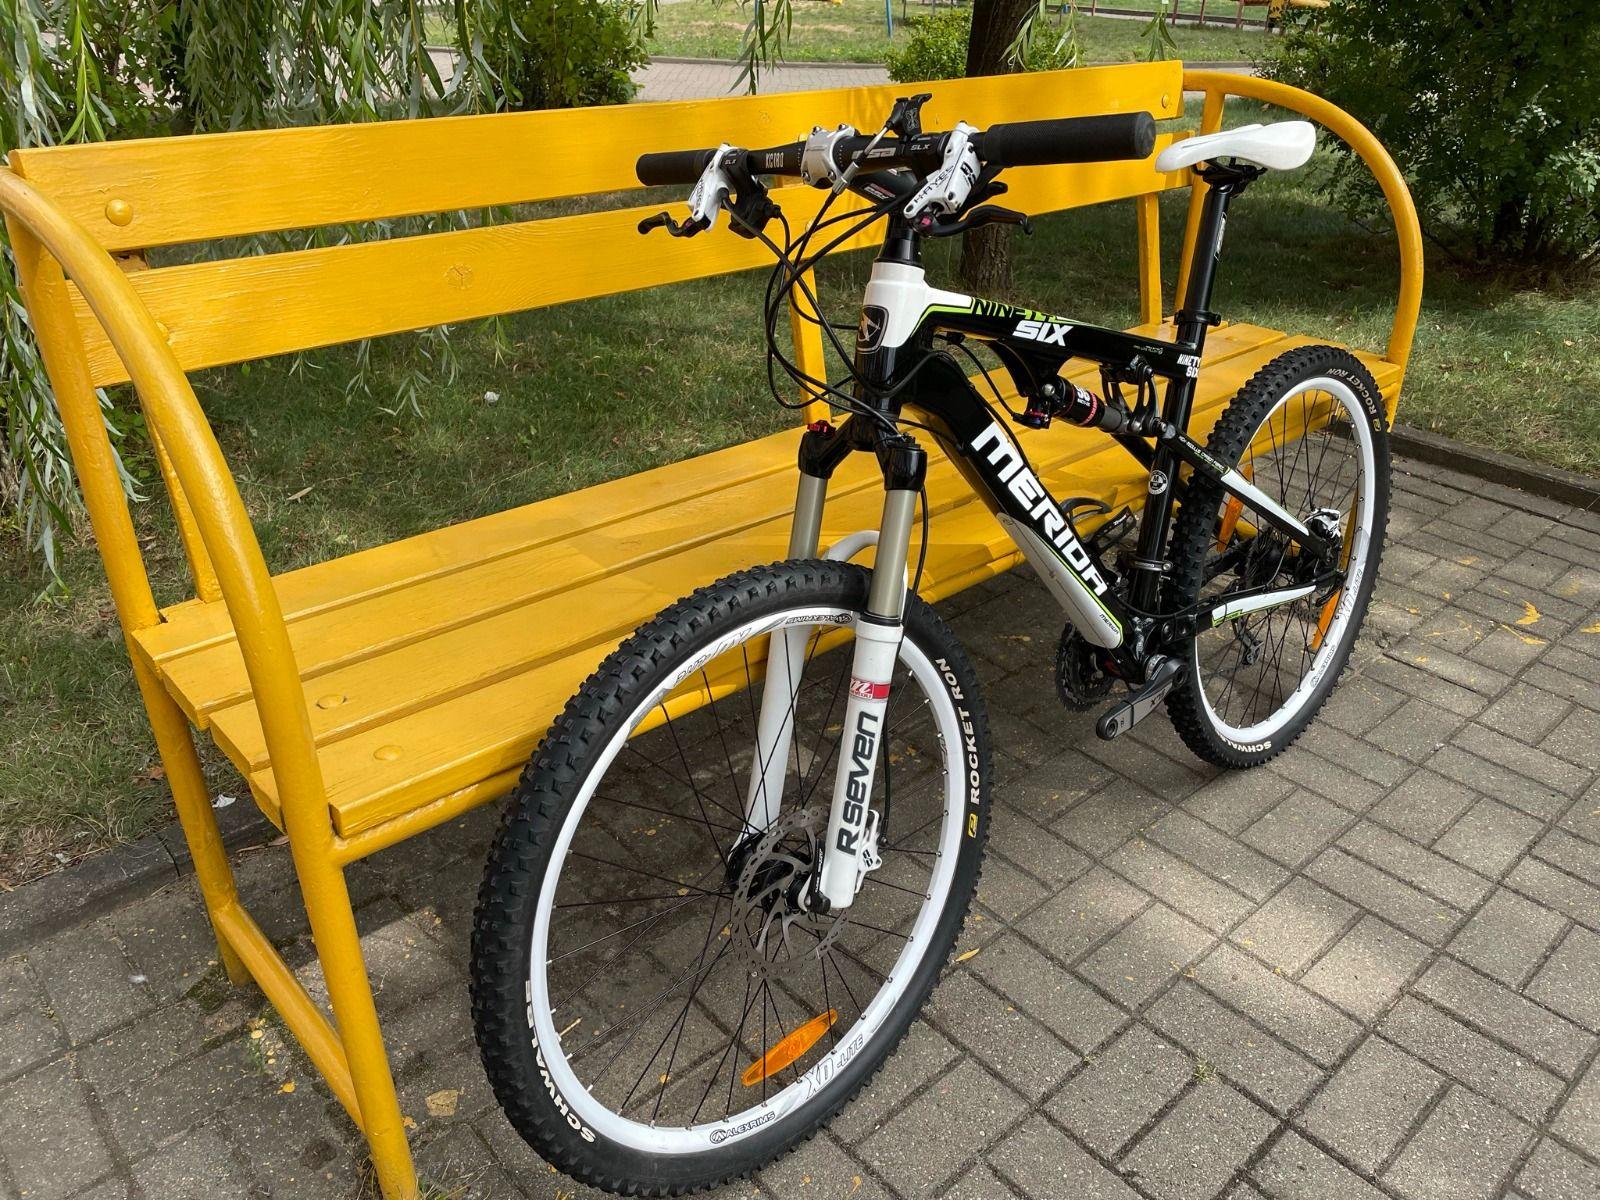 Горный велосипед двухподвес Merida Ninety-Six HFS 1000-D, алюминий + карбон. (MTB, XC кросс-кантри), размер М.  12,7кг.